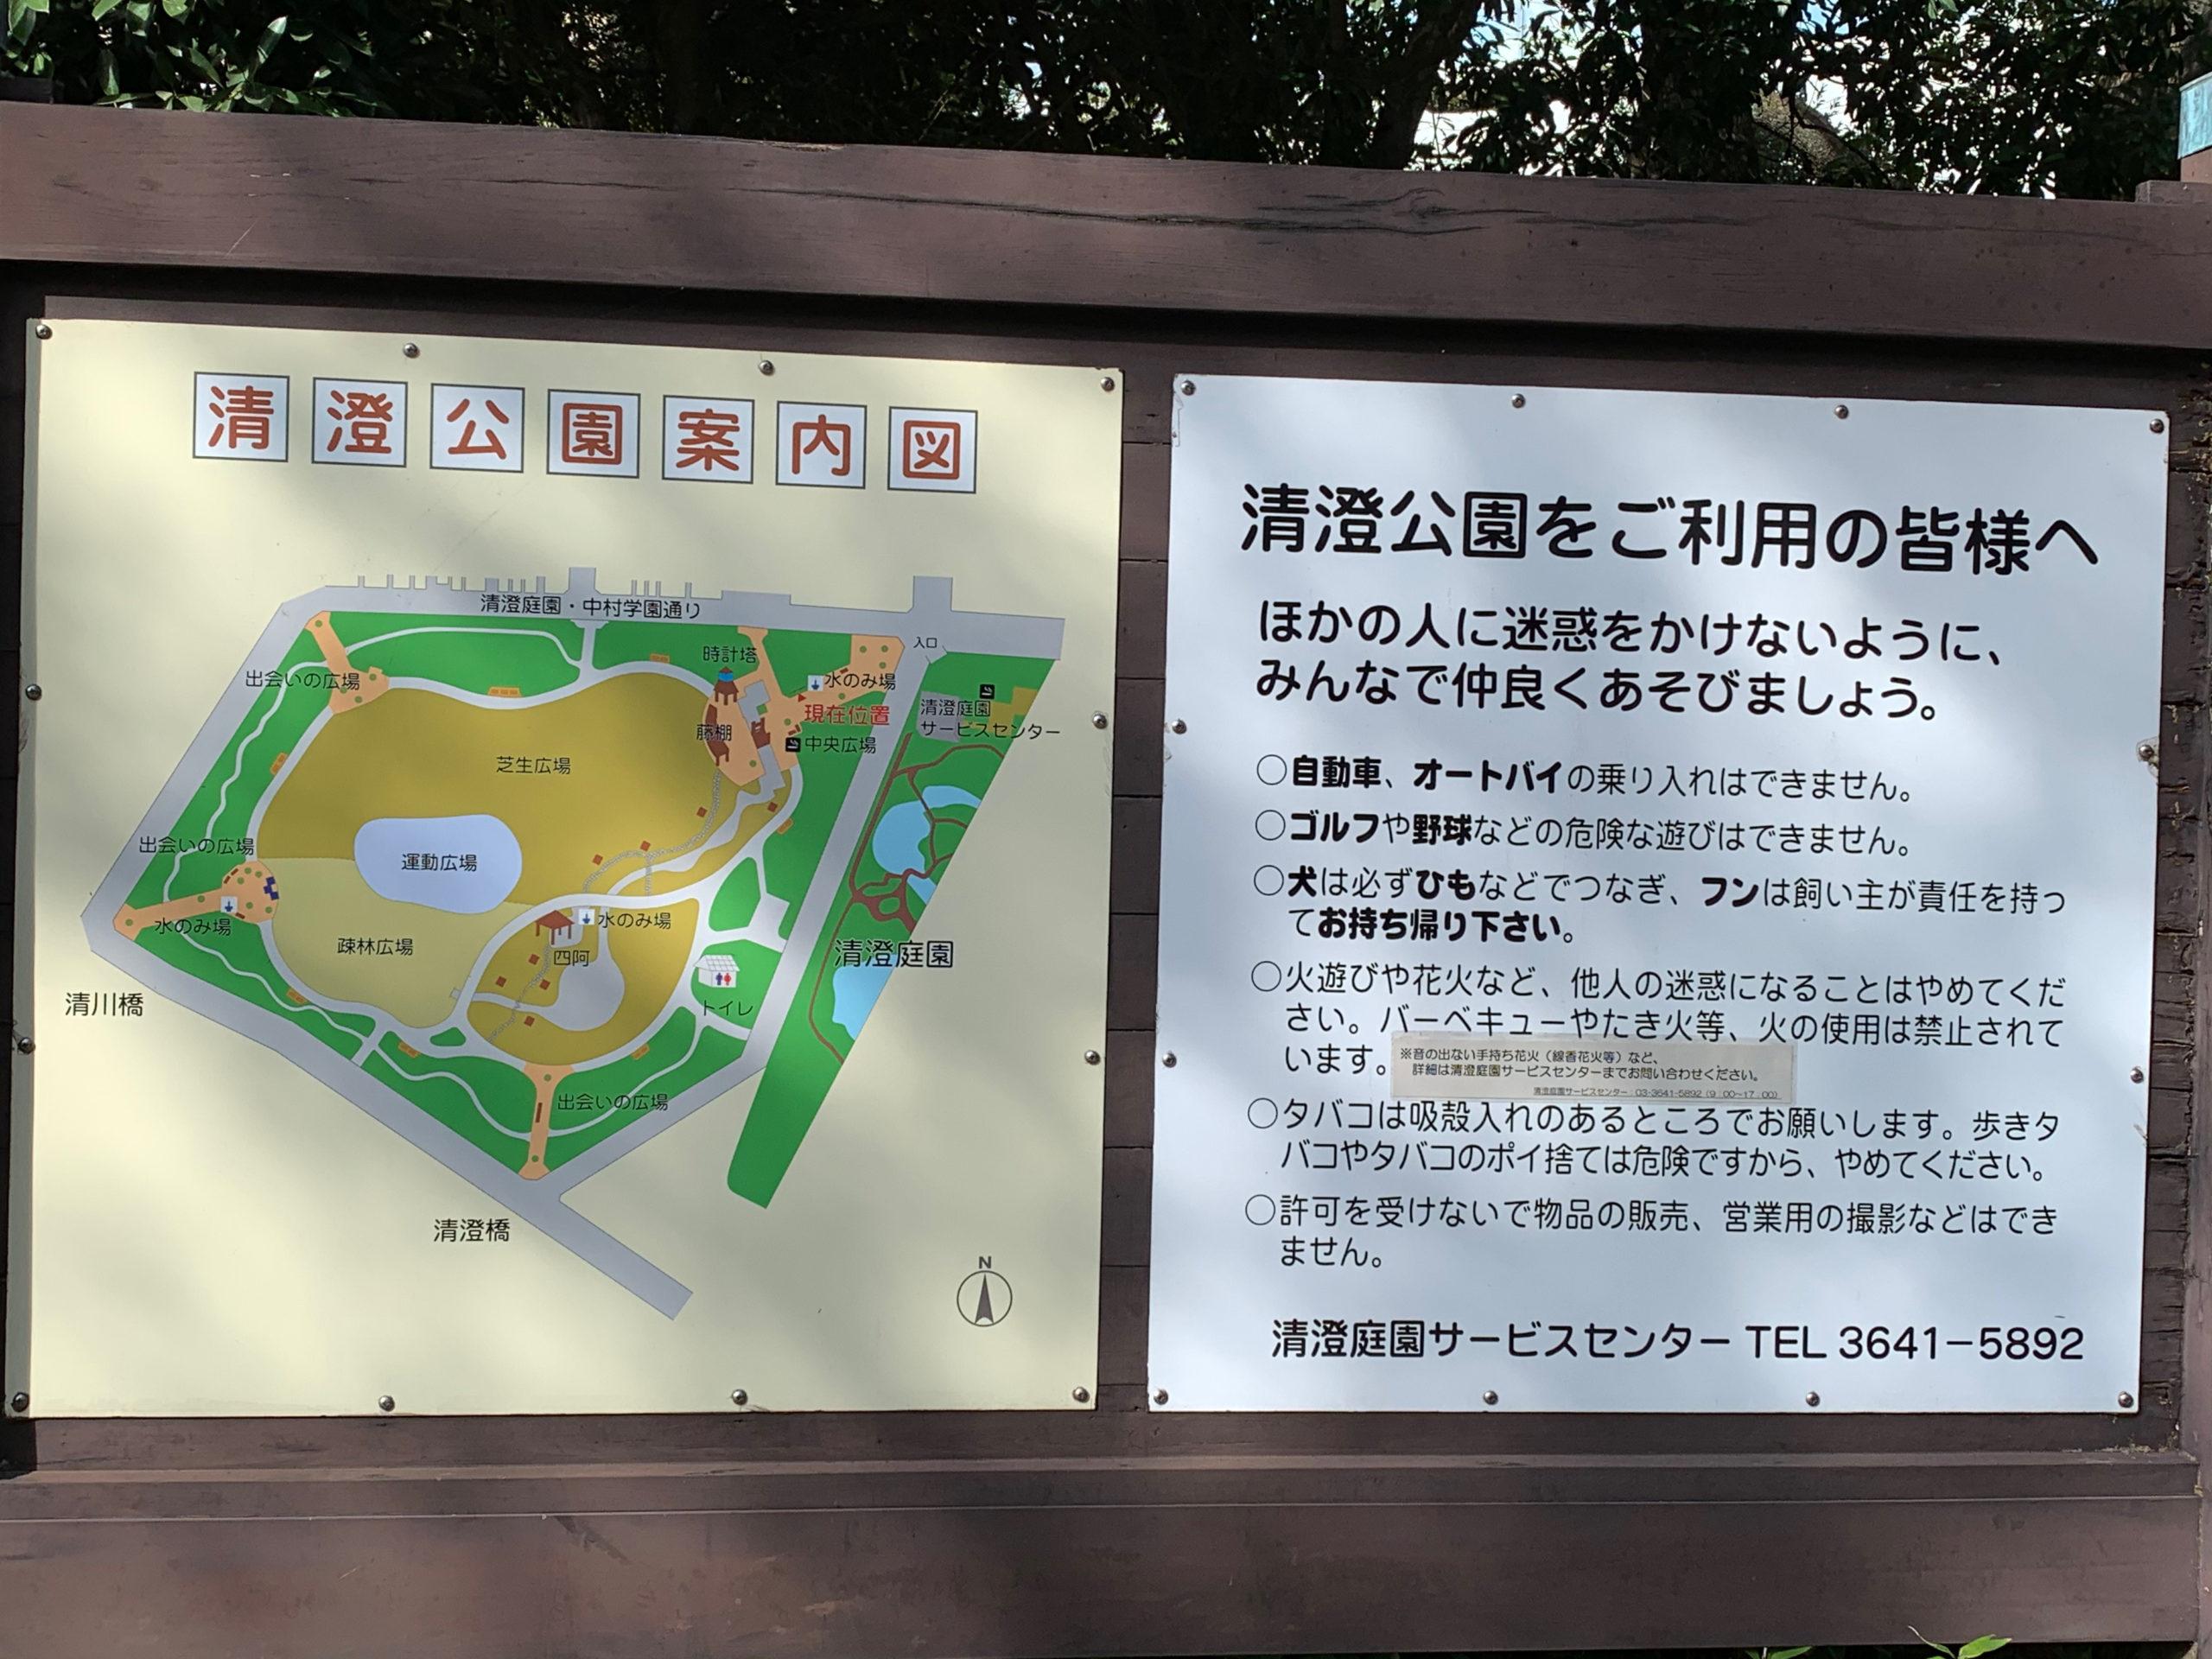 【江東区清澄公園】短時間でも気軽に走れるラン二ングコースです